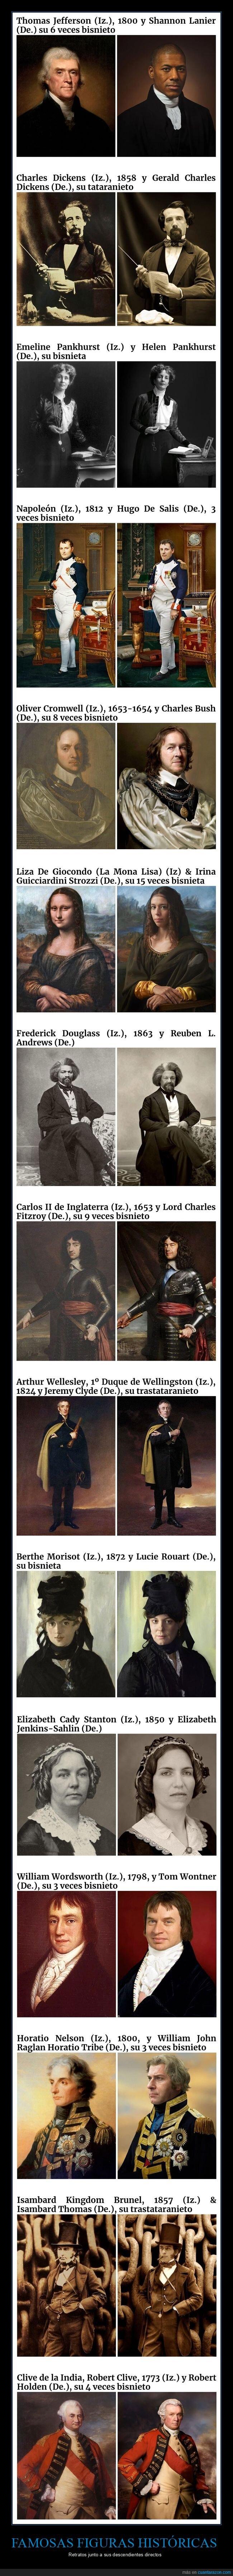 descendientes,figuras históricas,retratos